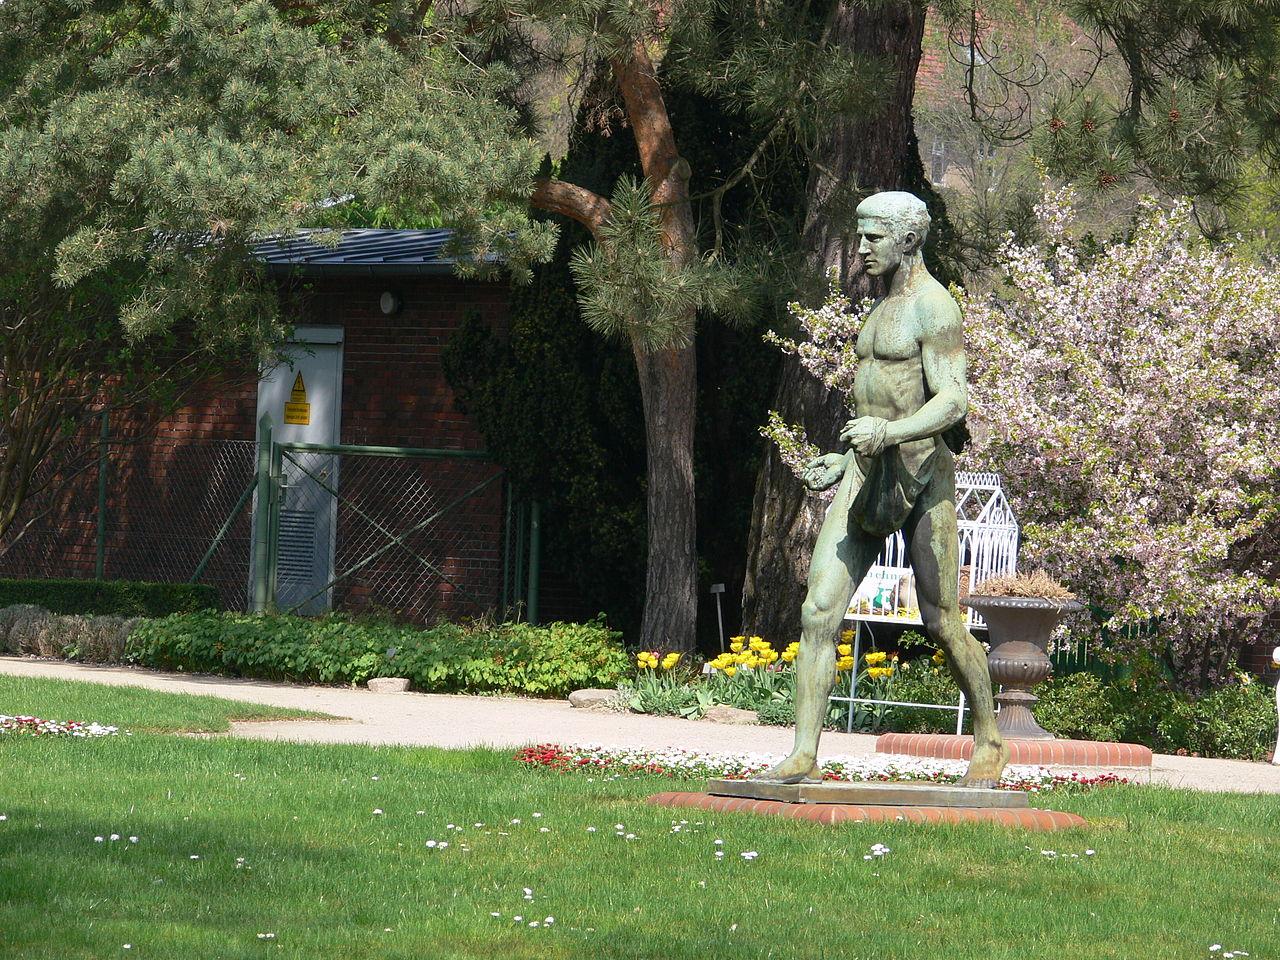 Full Size of Skulpturen Garten Fileberlin Botanischer Skulpturjpg Wikimedia Stapelstühle Trennwand Sichtschutz Für Loungemöbel Günstig Ausziehtisch Versicherung Garten Skulpturen Garten